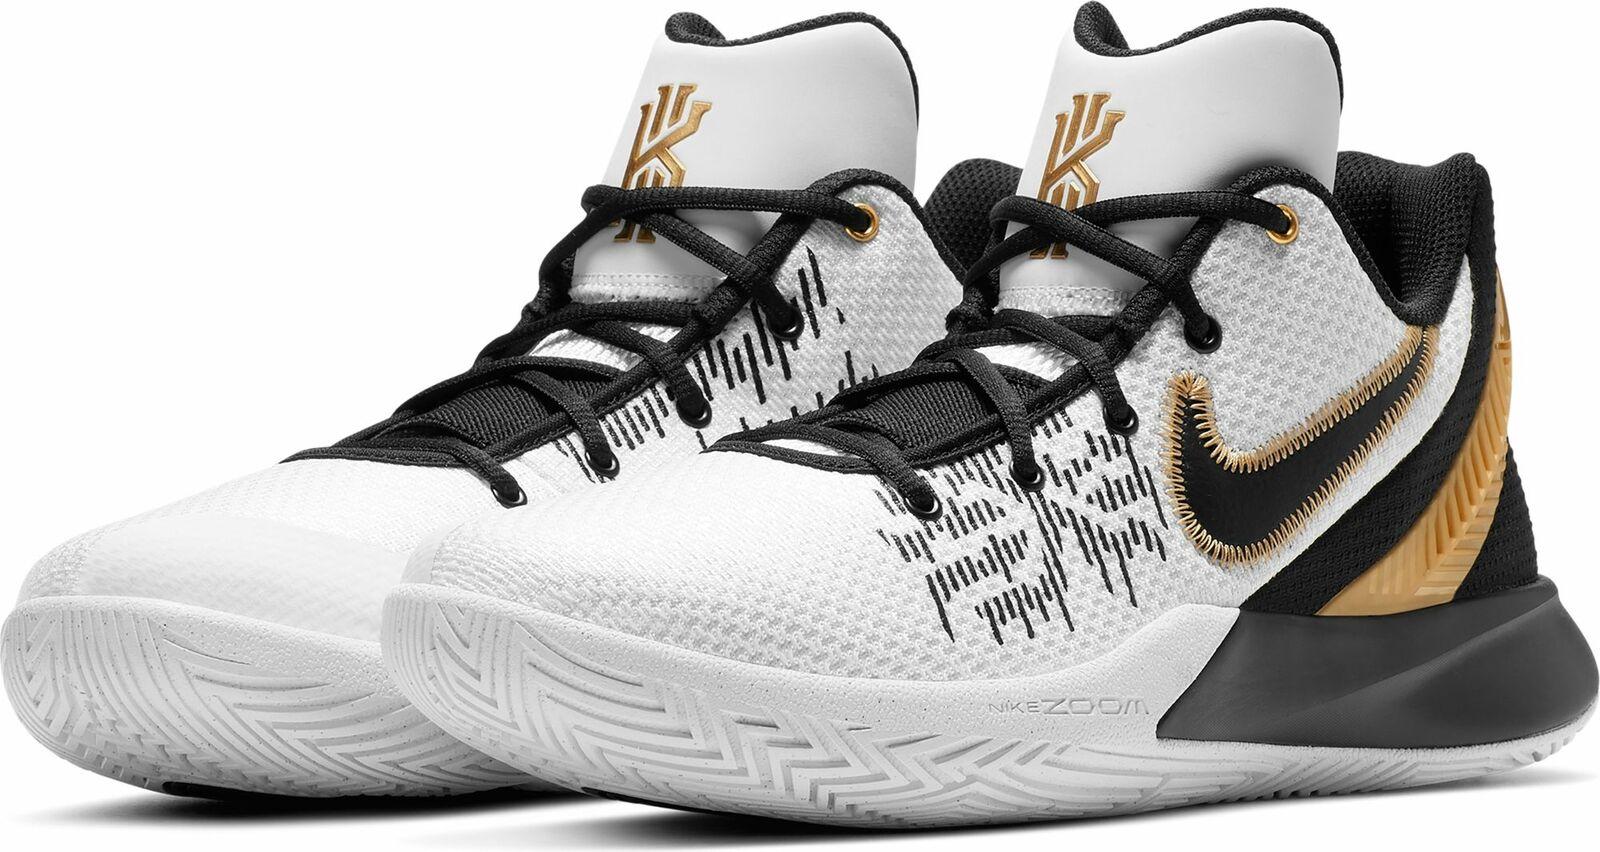 Nike Kyrie Flytrap 2 Schwarz Weiß Gold II Kyrie Irving Basketball 2019 einen guten Ruf in der Welt